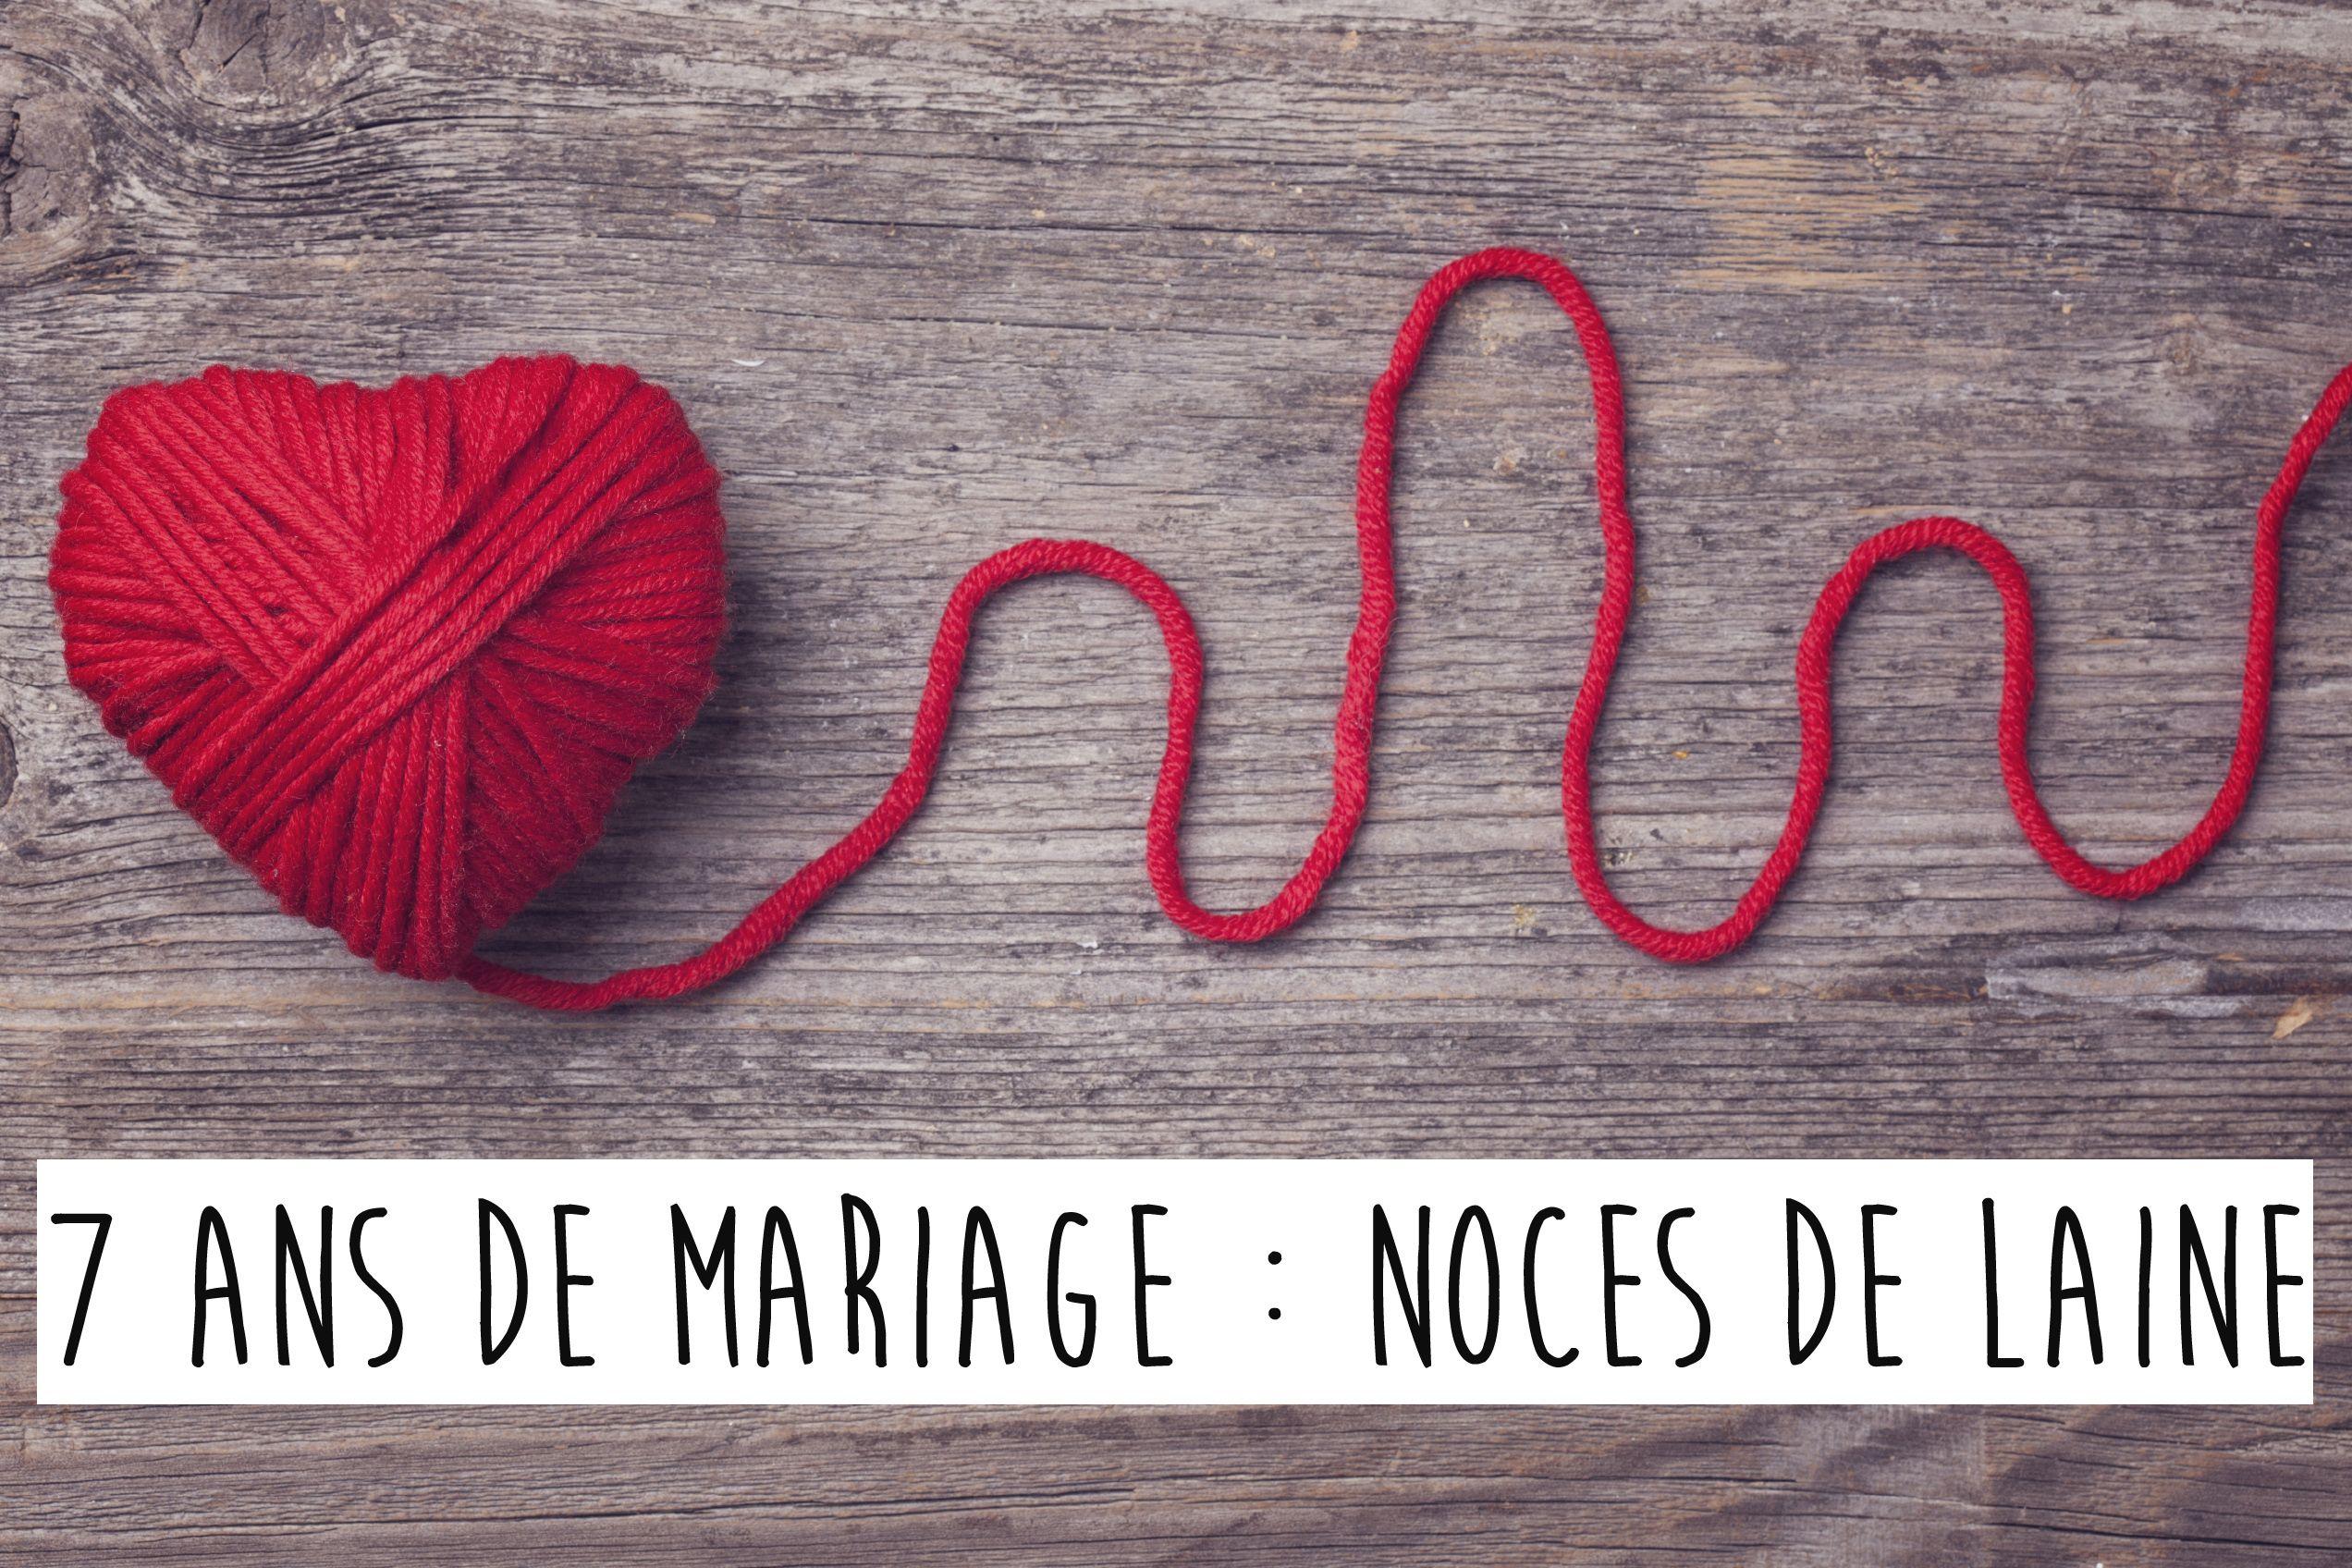 7 ans de mariage noces de laine anniversaire de mariage pinterest laine mariages et - 9 ans de mariage noce de quoi ...